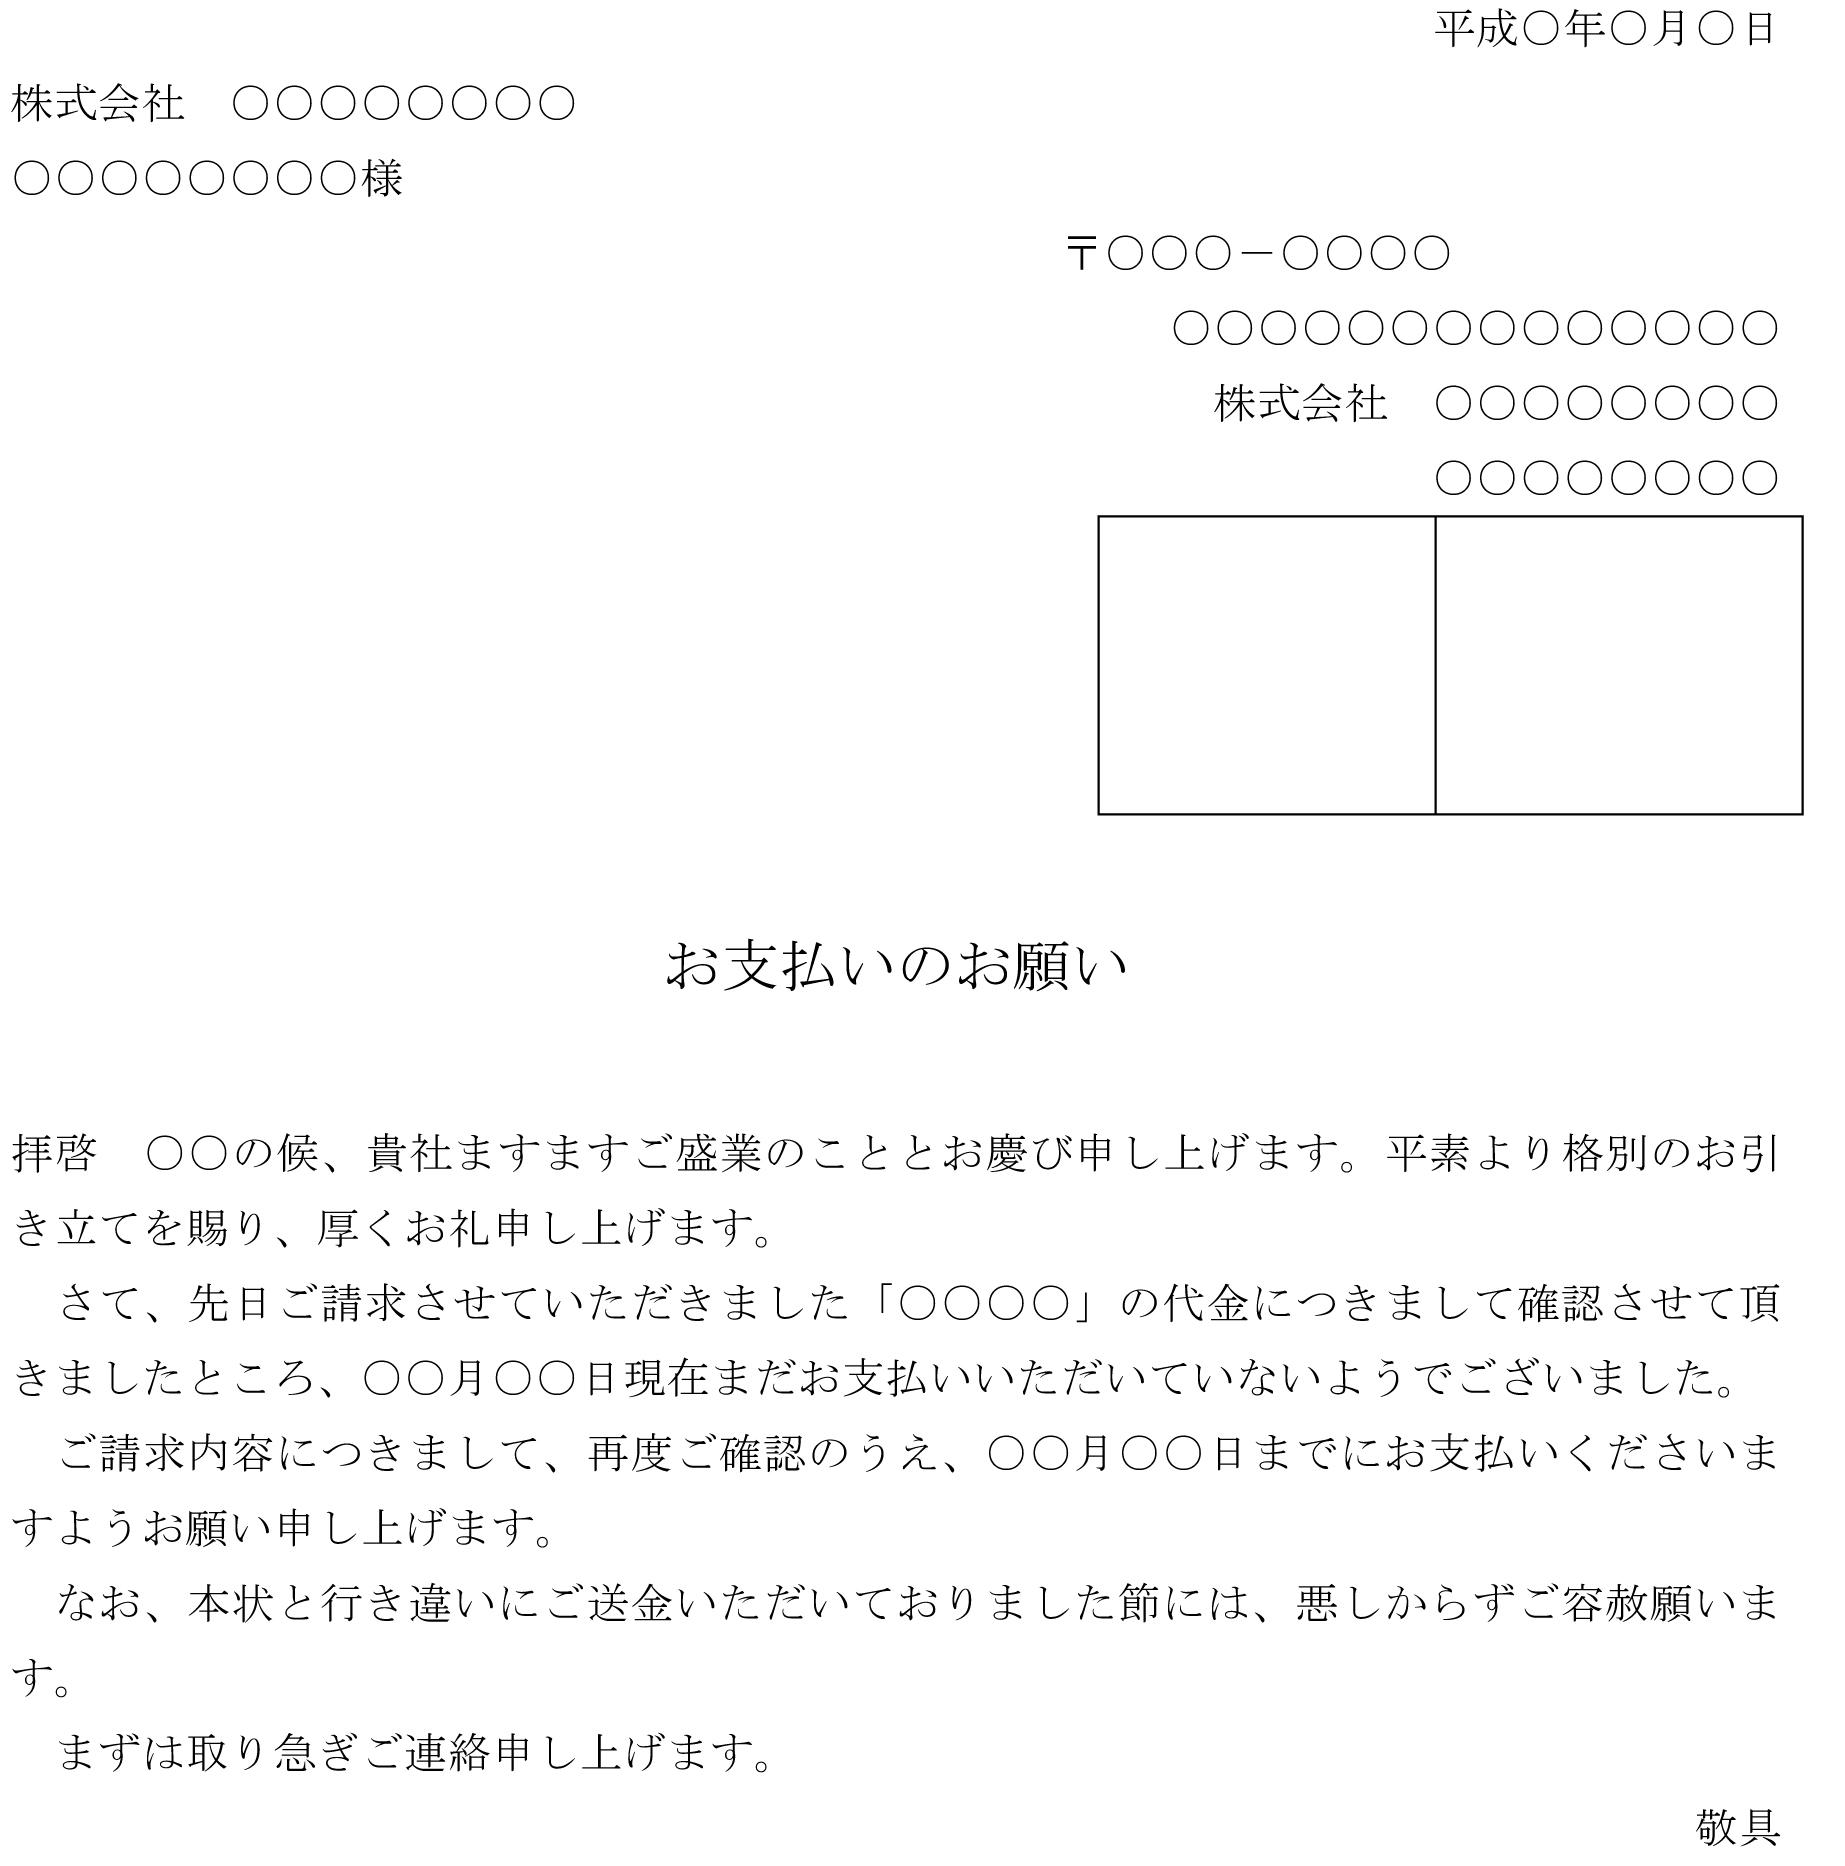 督促状(支払い)01